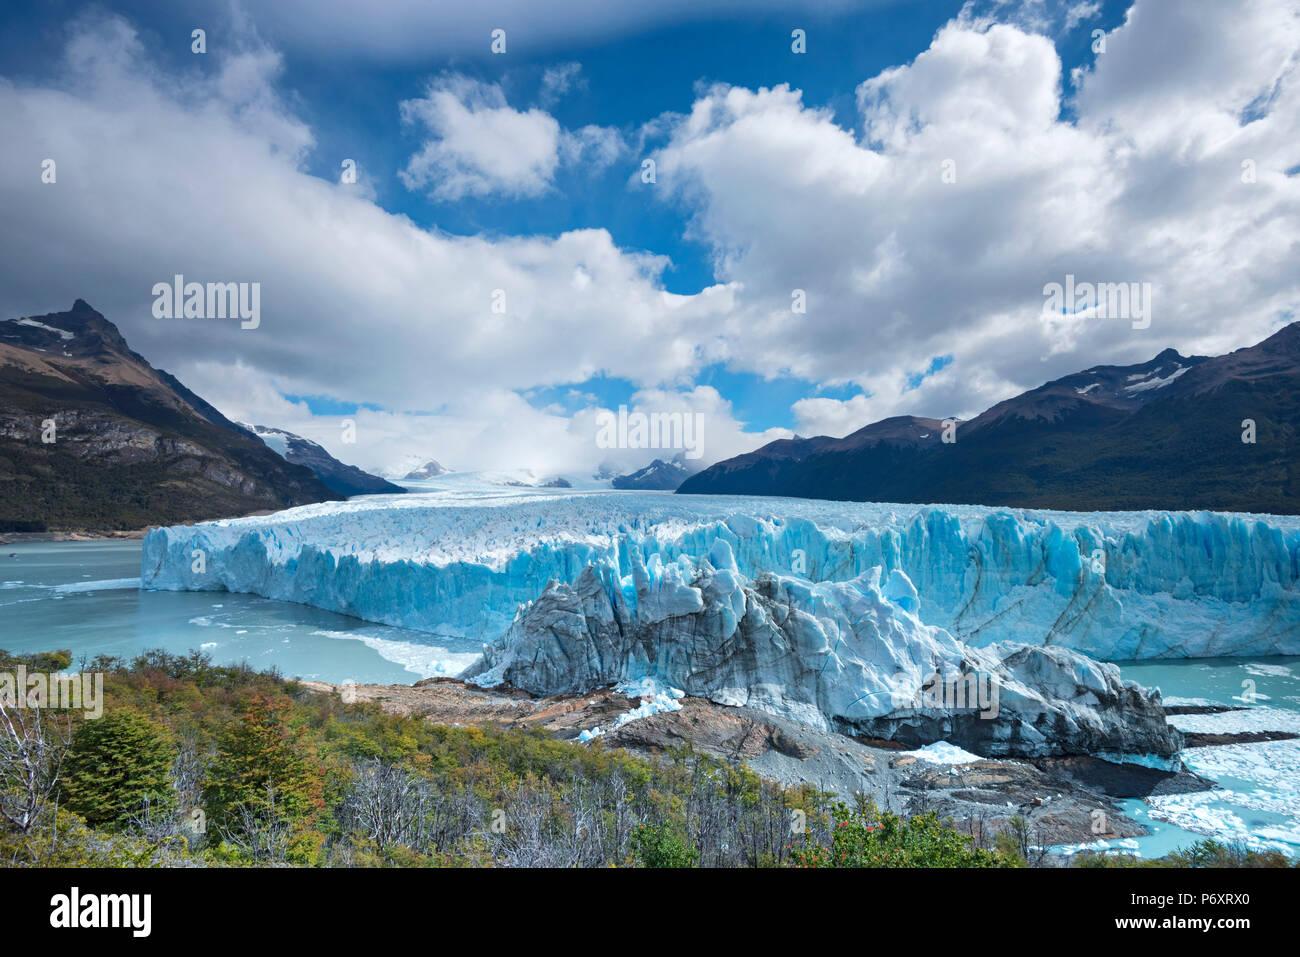 América del Sur, Patagonia, Argentina, Santa Cruz, El Calafate, Parque Nacional Los Glaciares, el Glaciar Perito Moreno Imagen De Stock